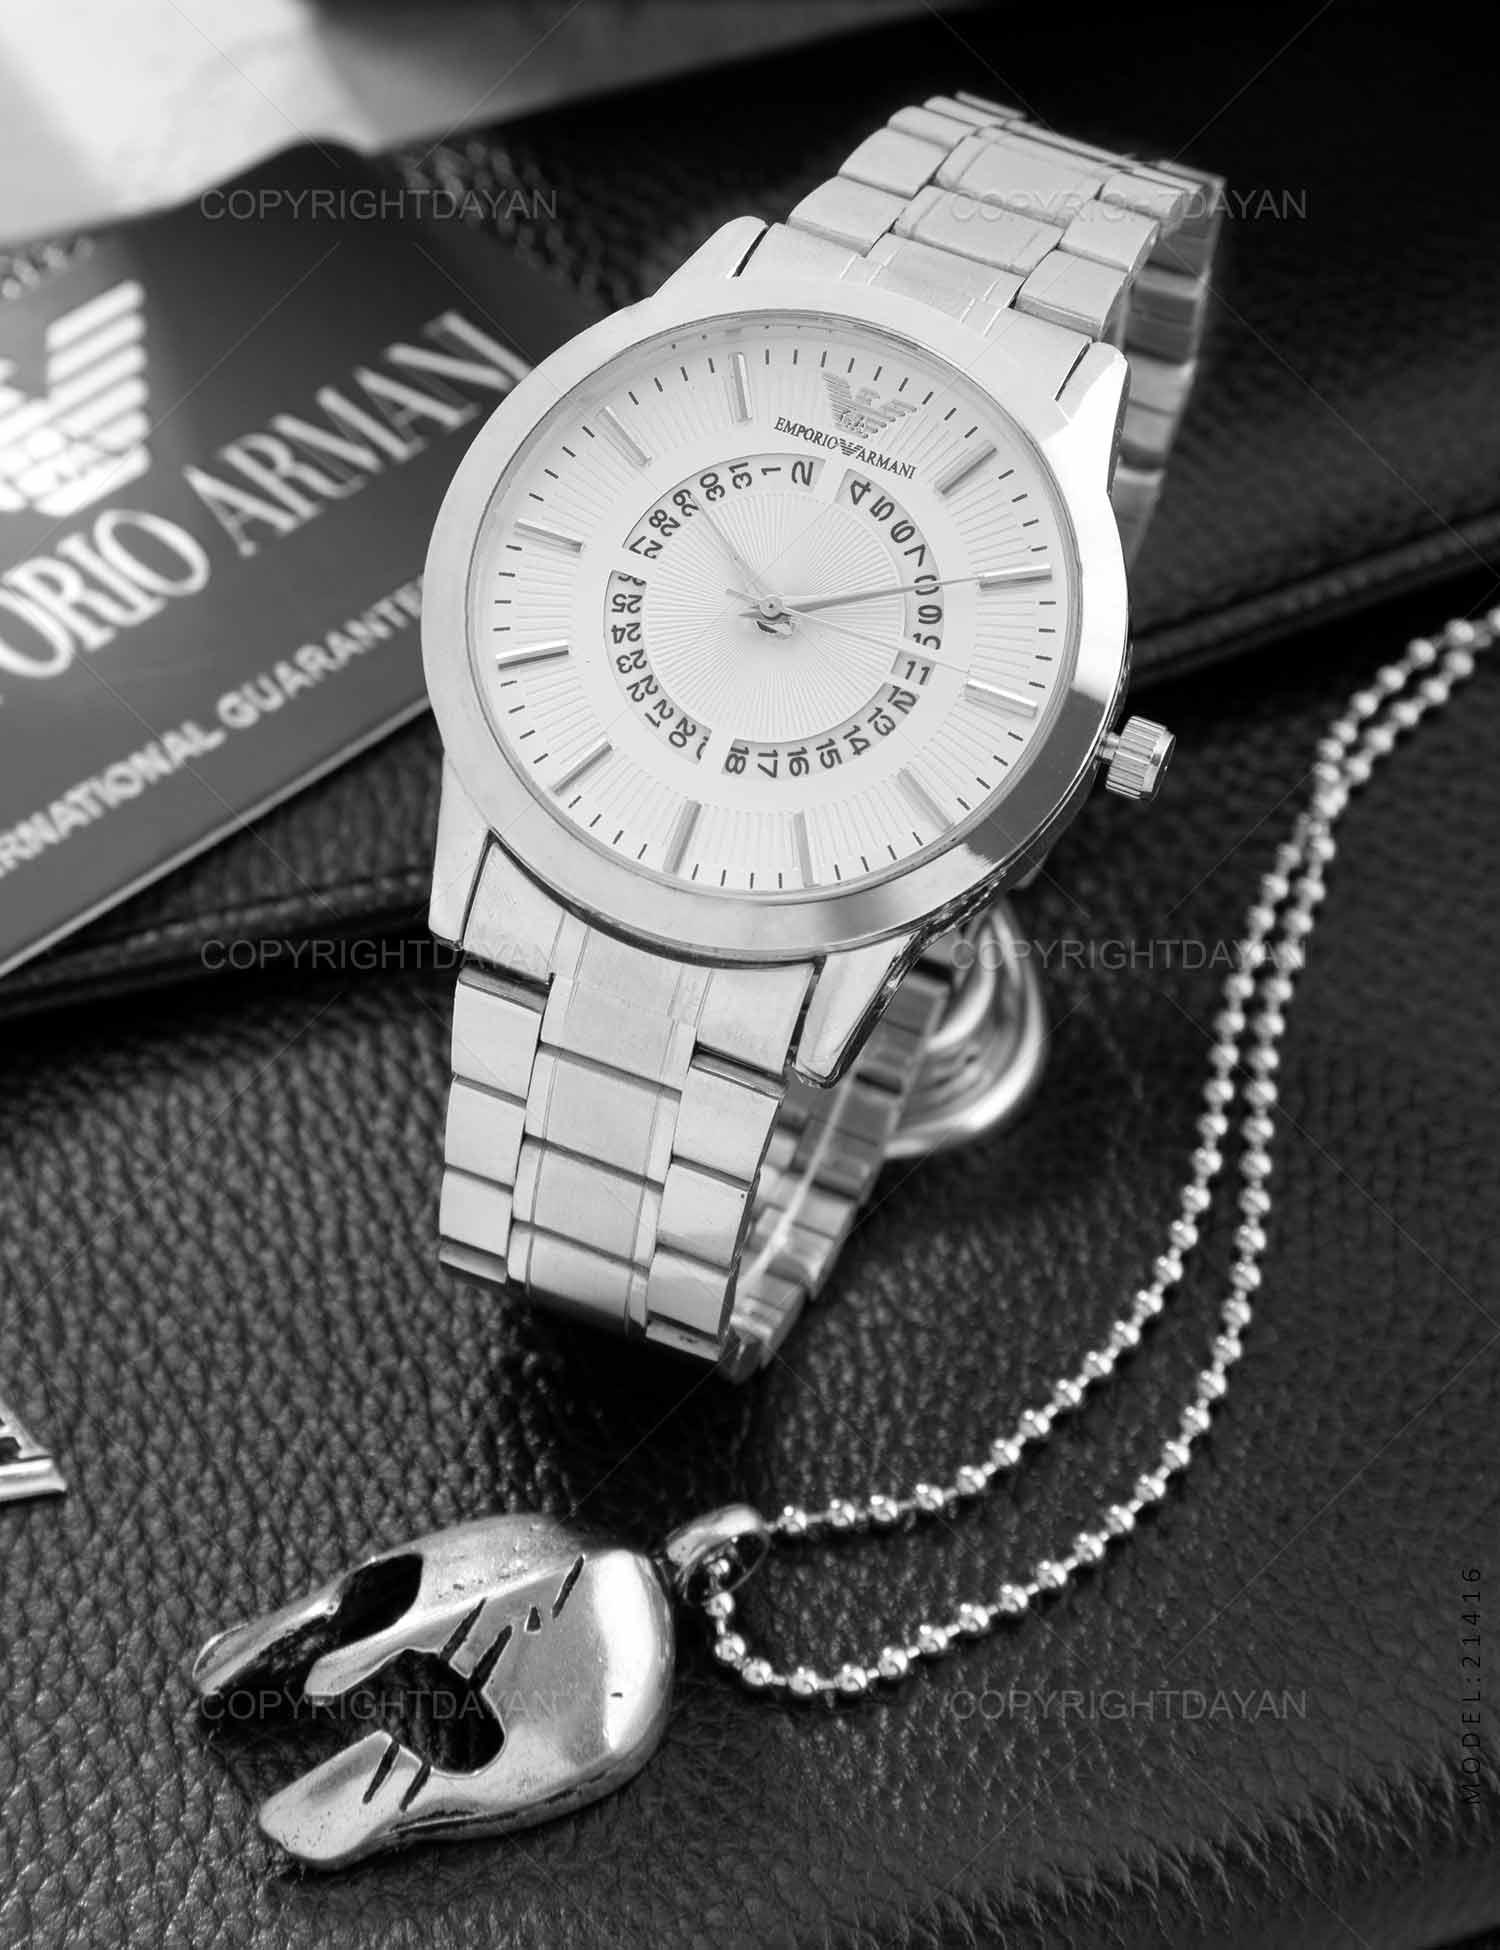 ساعت مچی مردانه Emporio Armani مدل 21416 ساعت مچی مردانه Emporio Armani مدل 21416 169,000 تومان